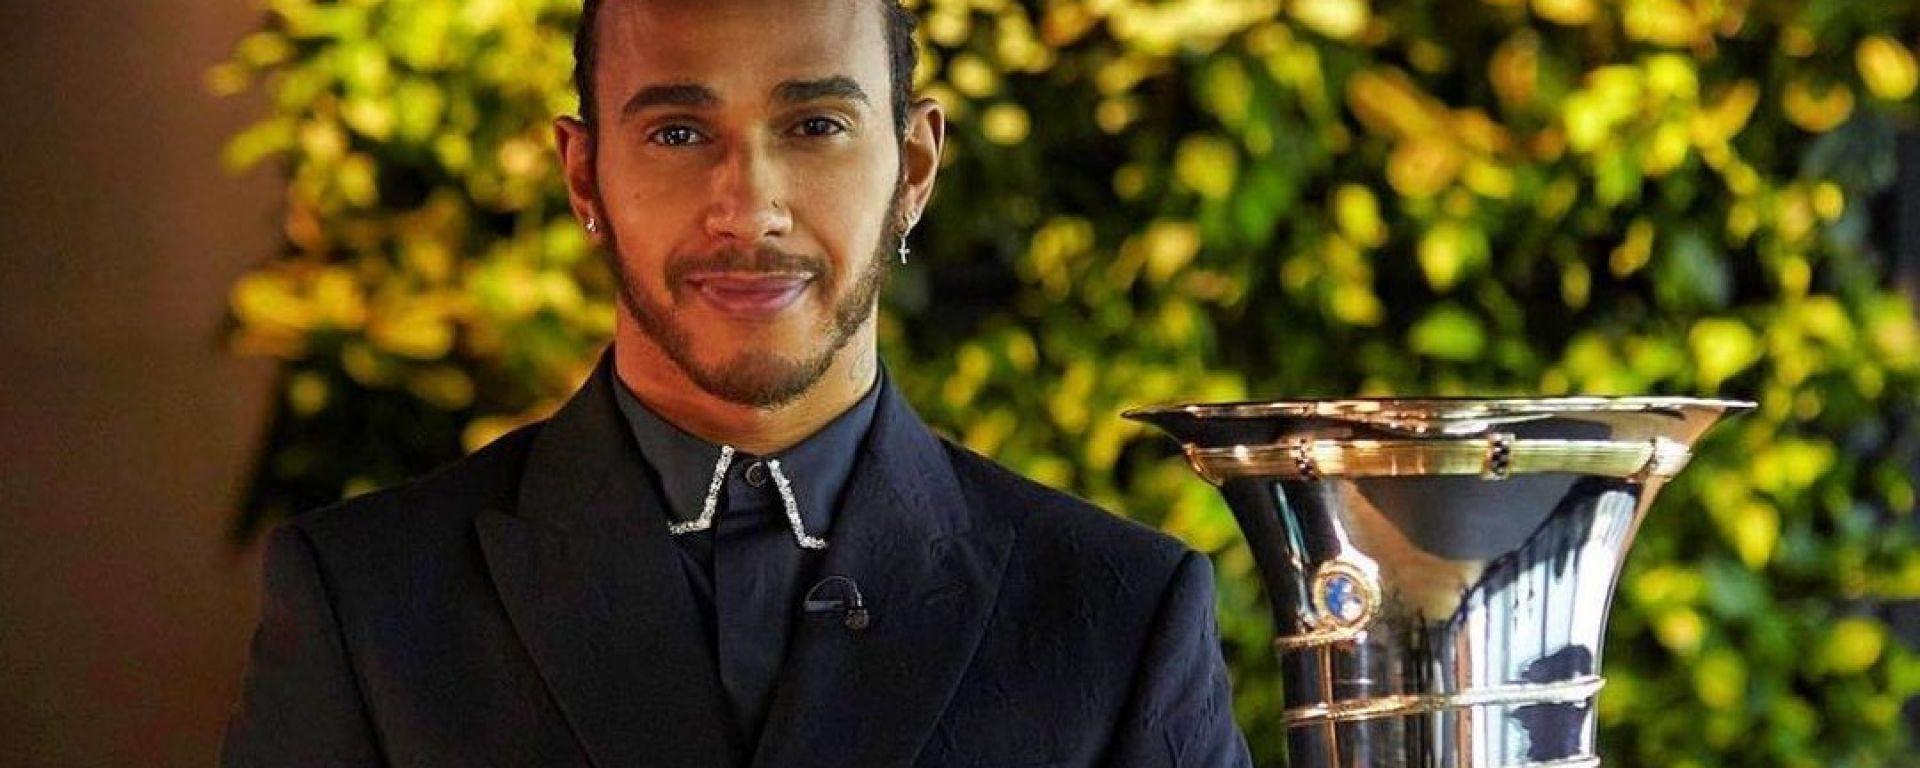 Lewis Hamilton alla premiazione Fia di fine anno | Foto Instagram @LewisHamilton